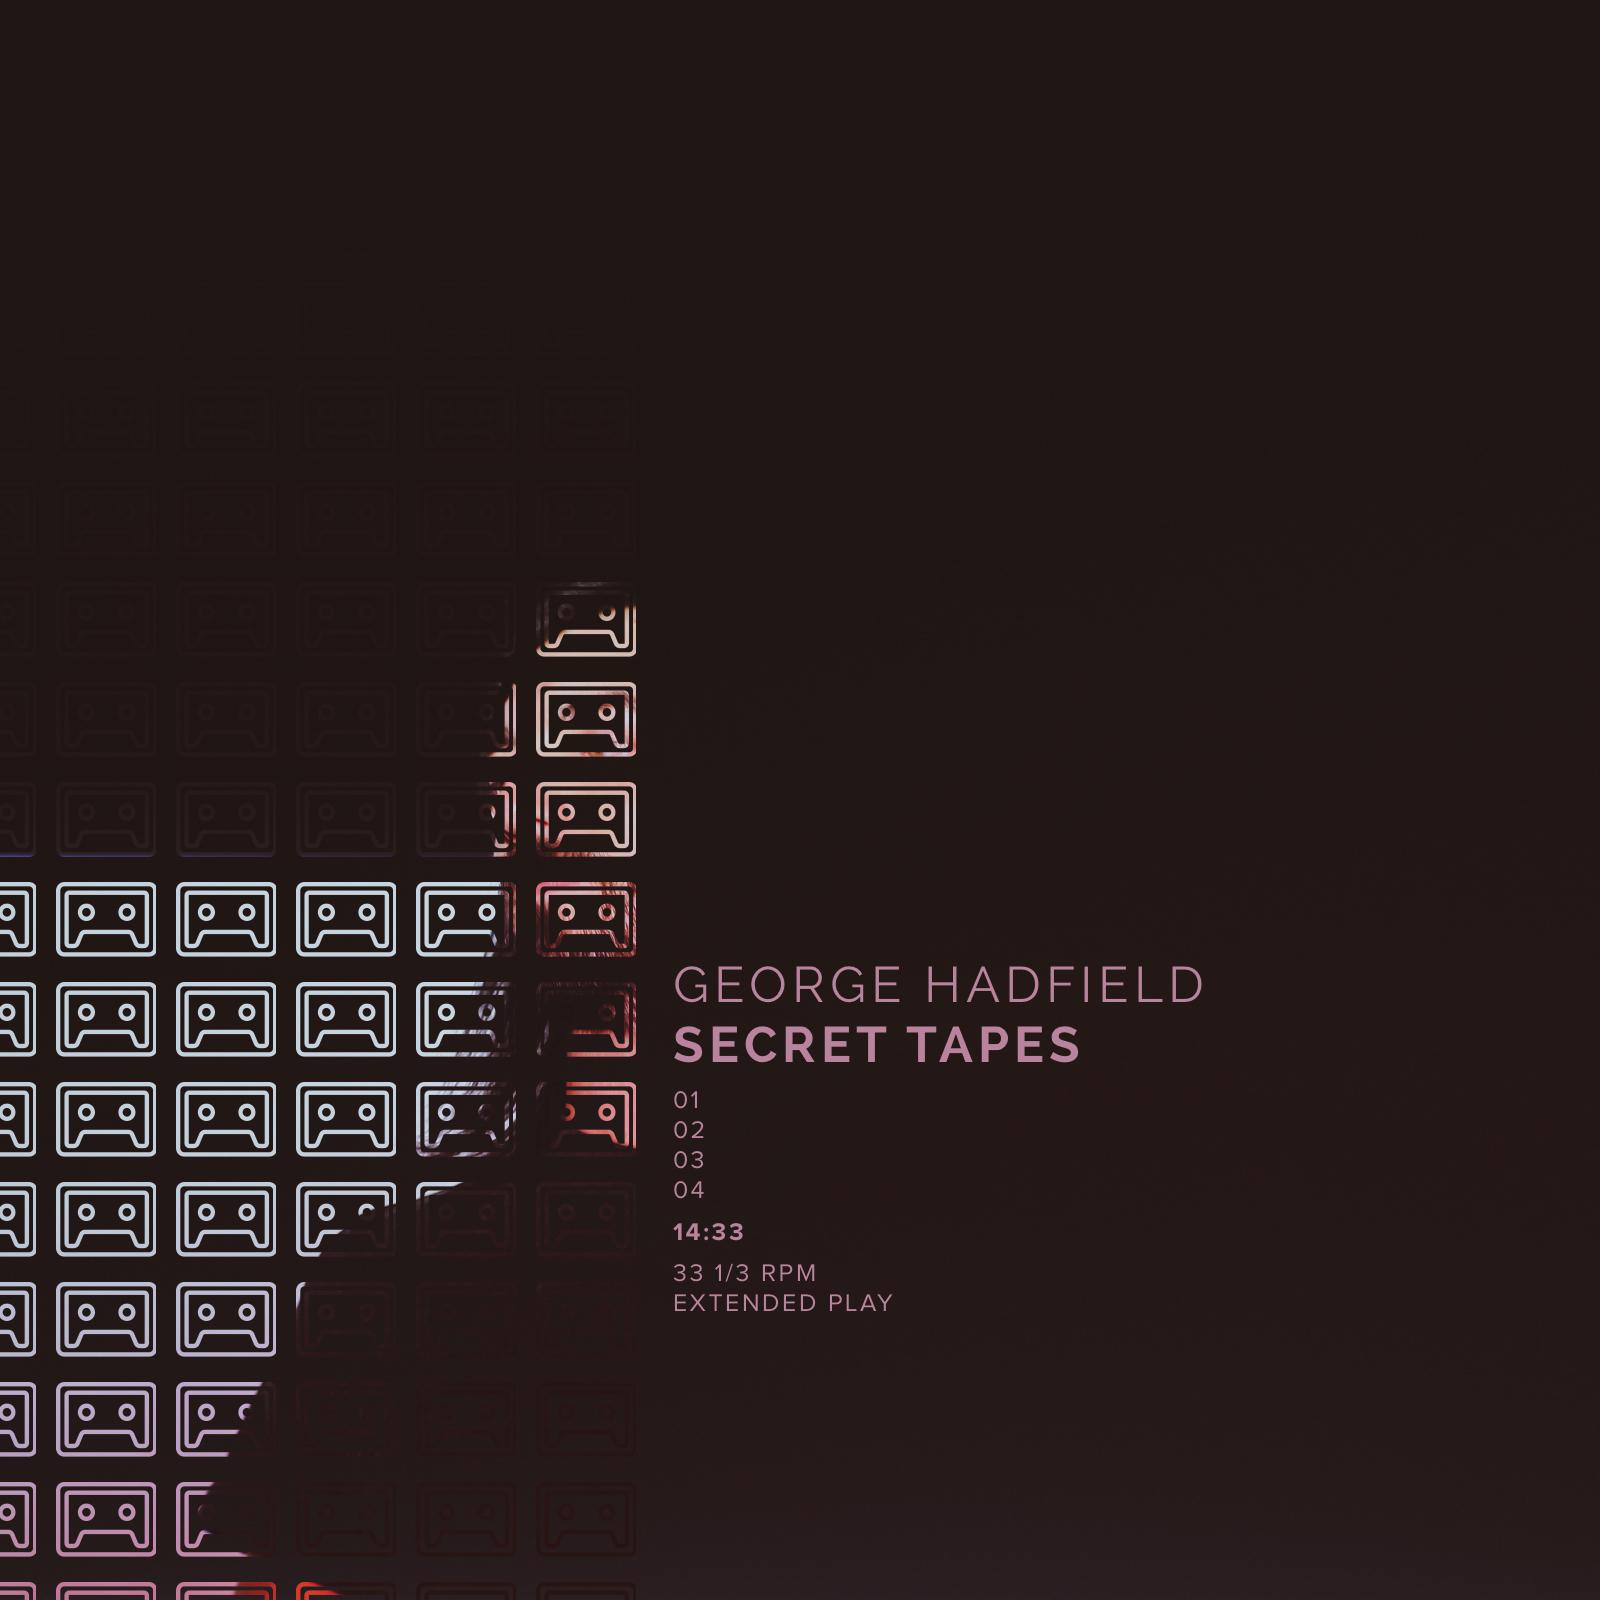 Secret Tapes Cover.jpg